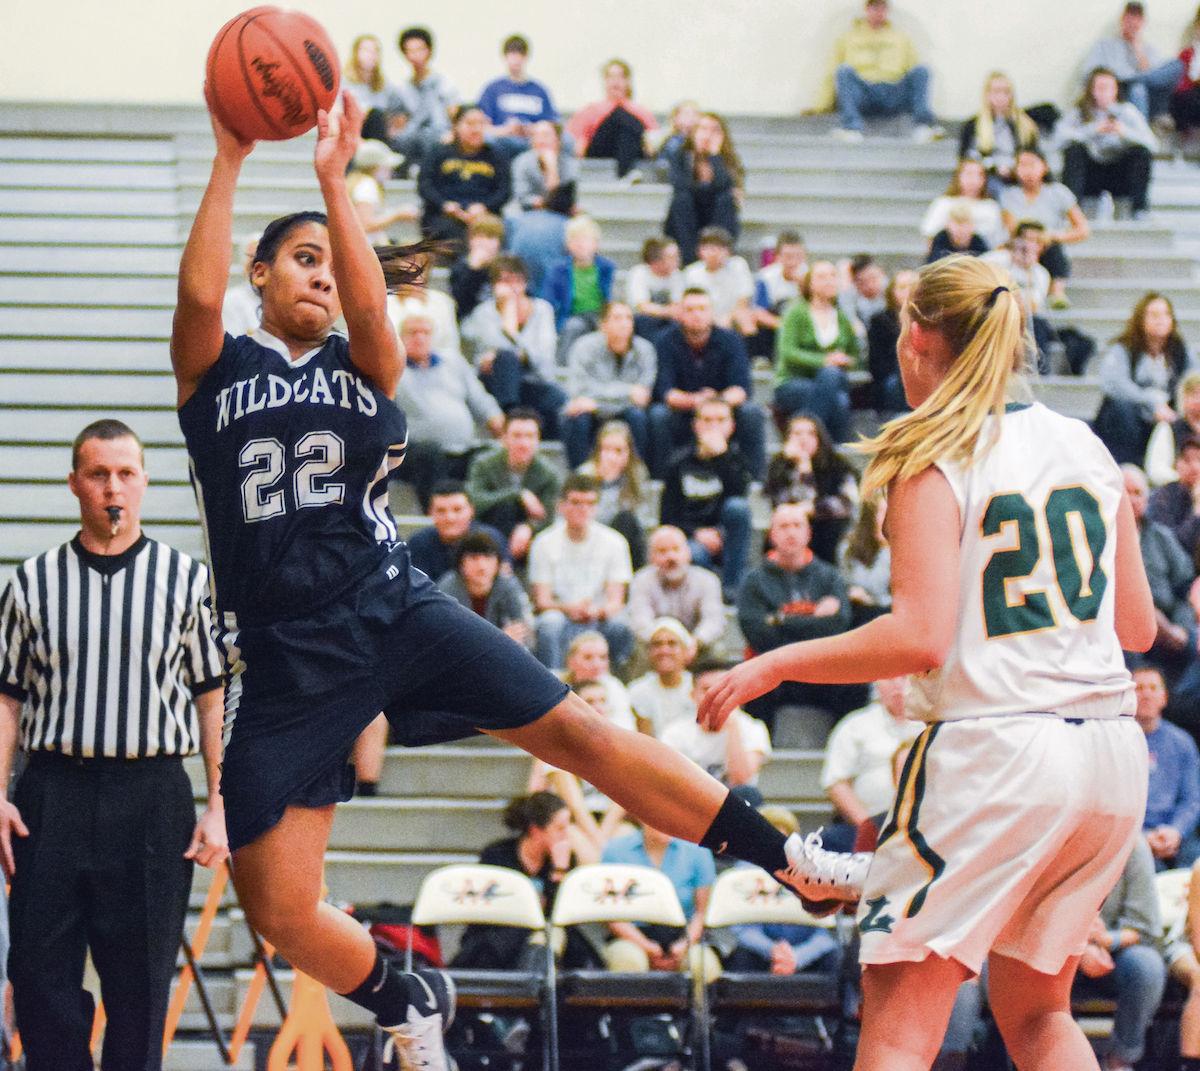 HS Girls Basketball Third quarter spurt lifts Mifflinburg